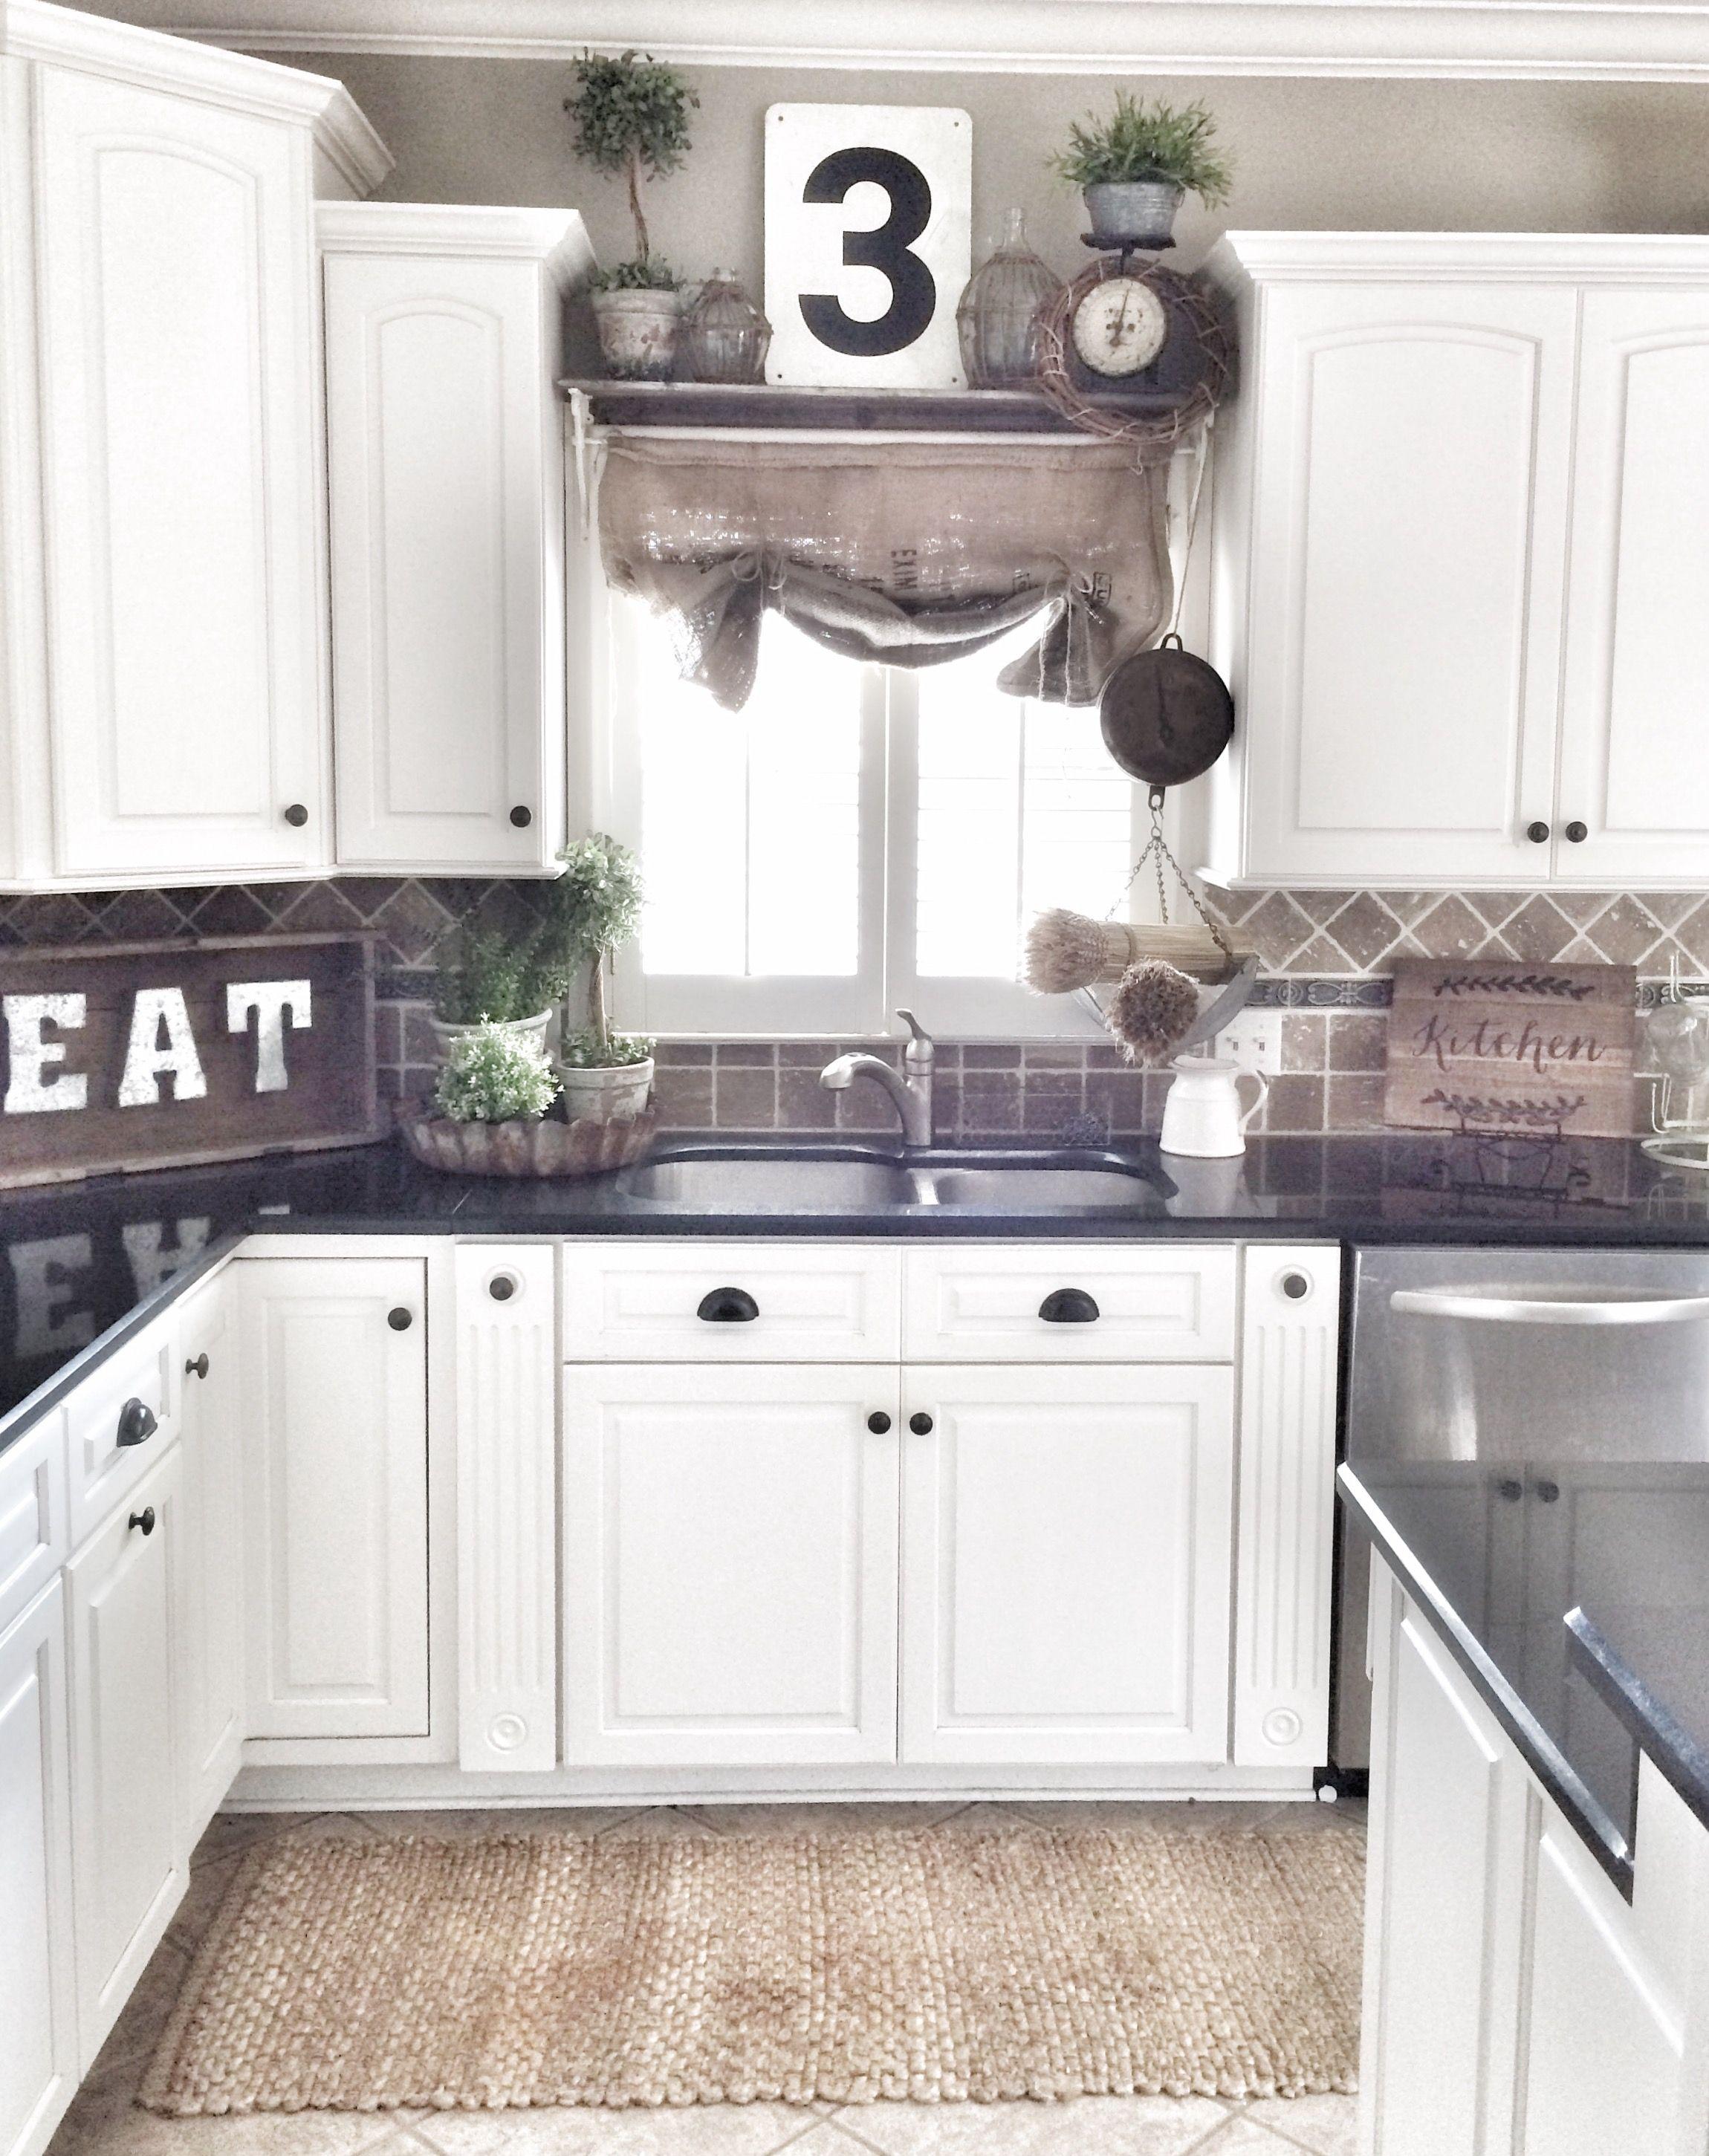 Above window shelf ideas  pin by cynthia reiss on kitchen ideas  pinterest  farmhouse